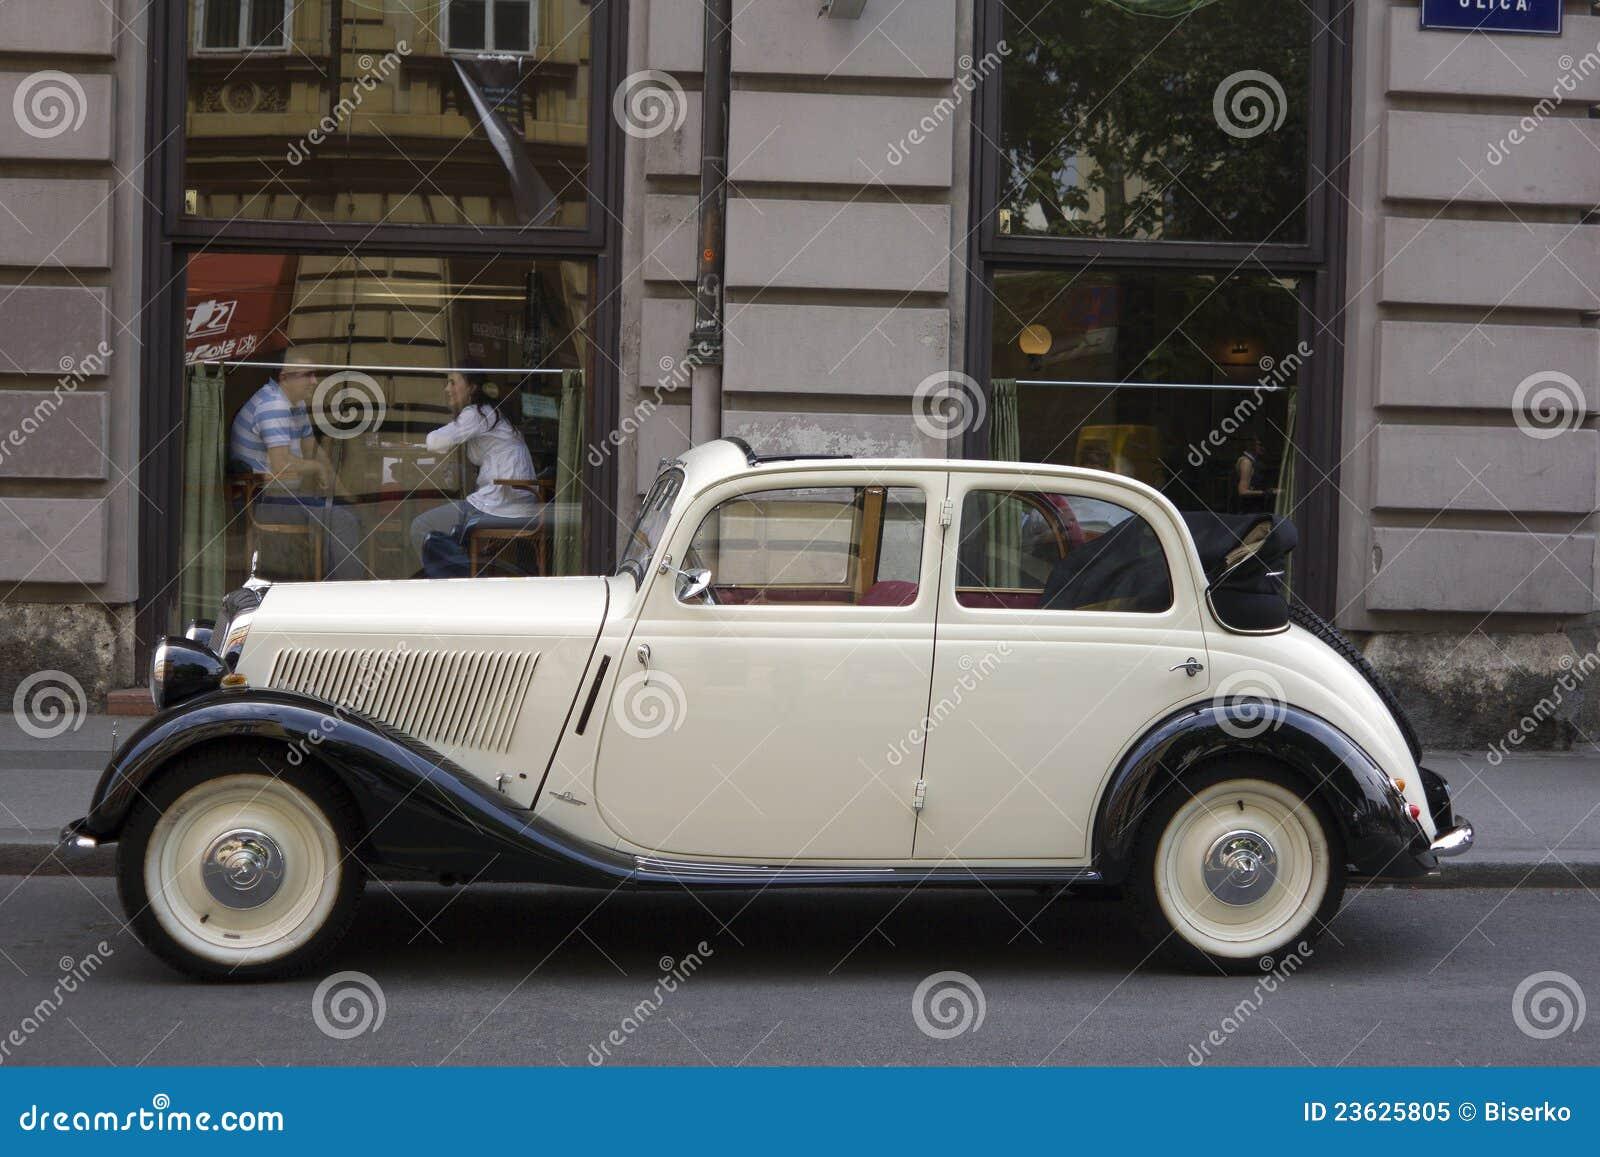 mercedes benz oldtimer editorial image image 23625805. Black Bedroom Furniture Sets. Home Design Ideas